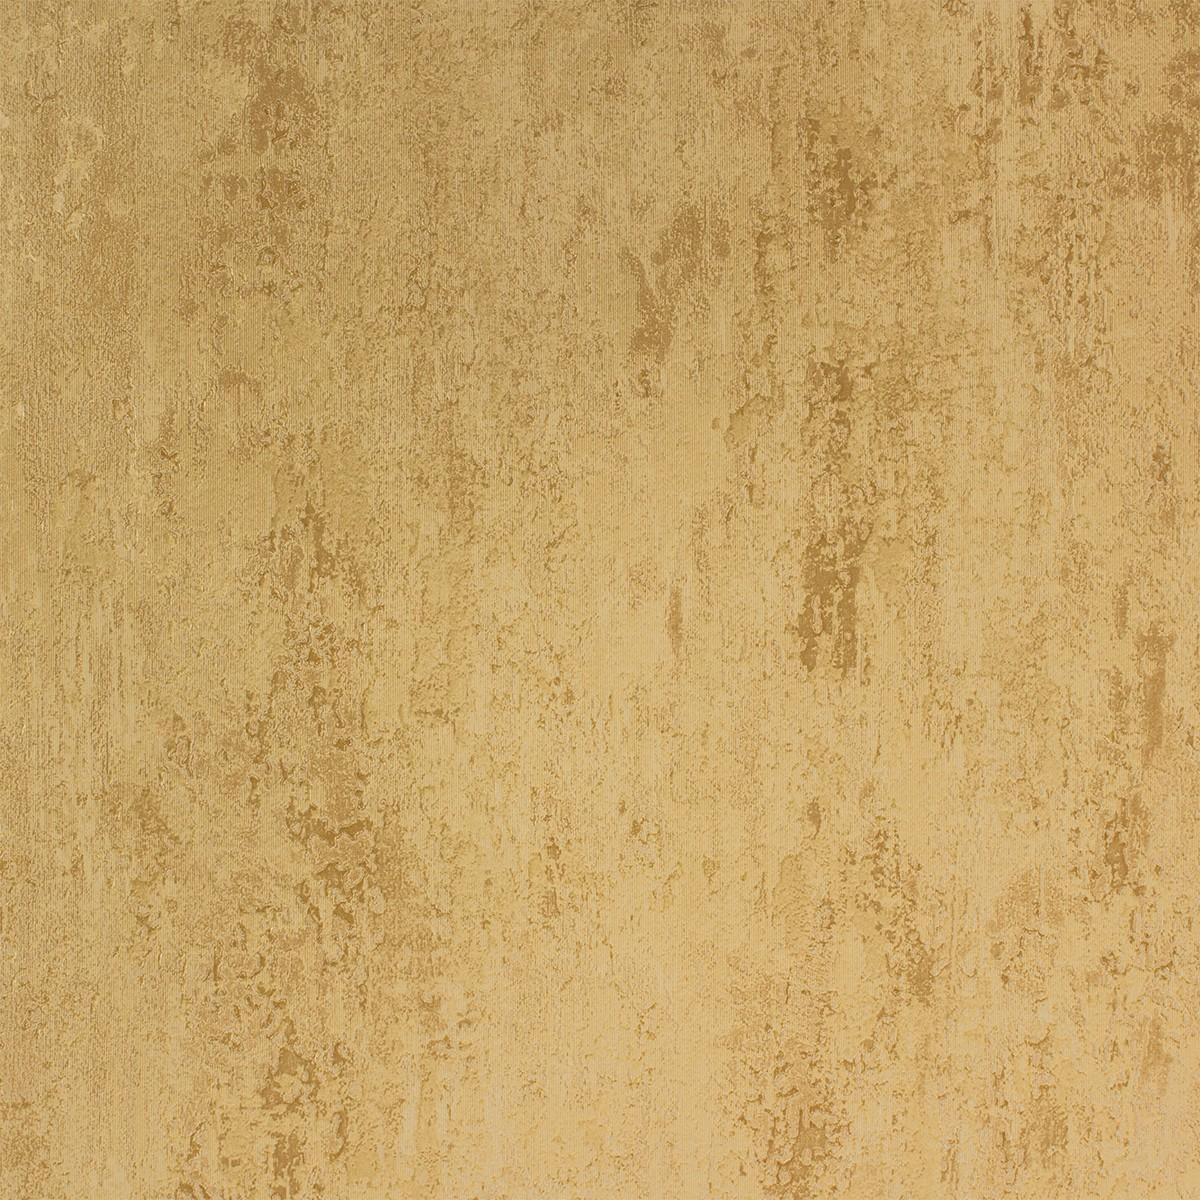 Tapete Uni Struktur beige Tapeten Rasch Textil Angelica 009553